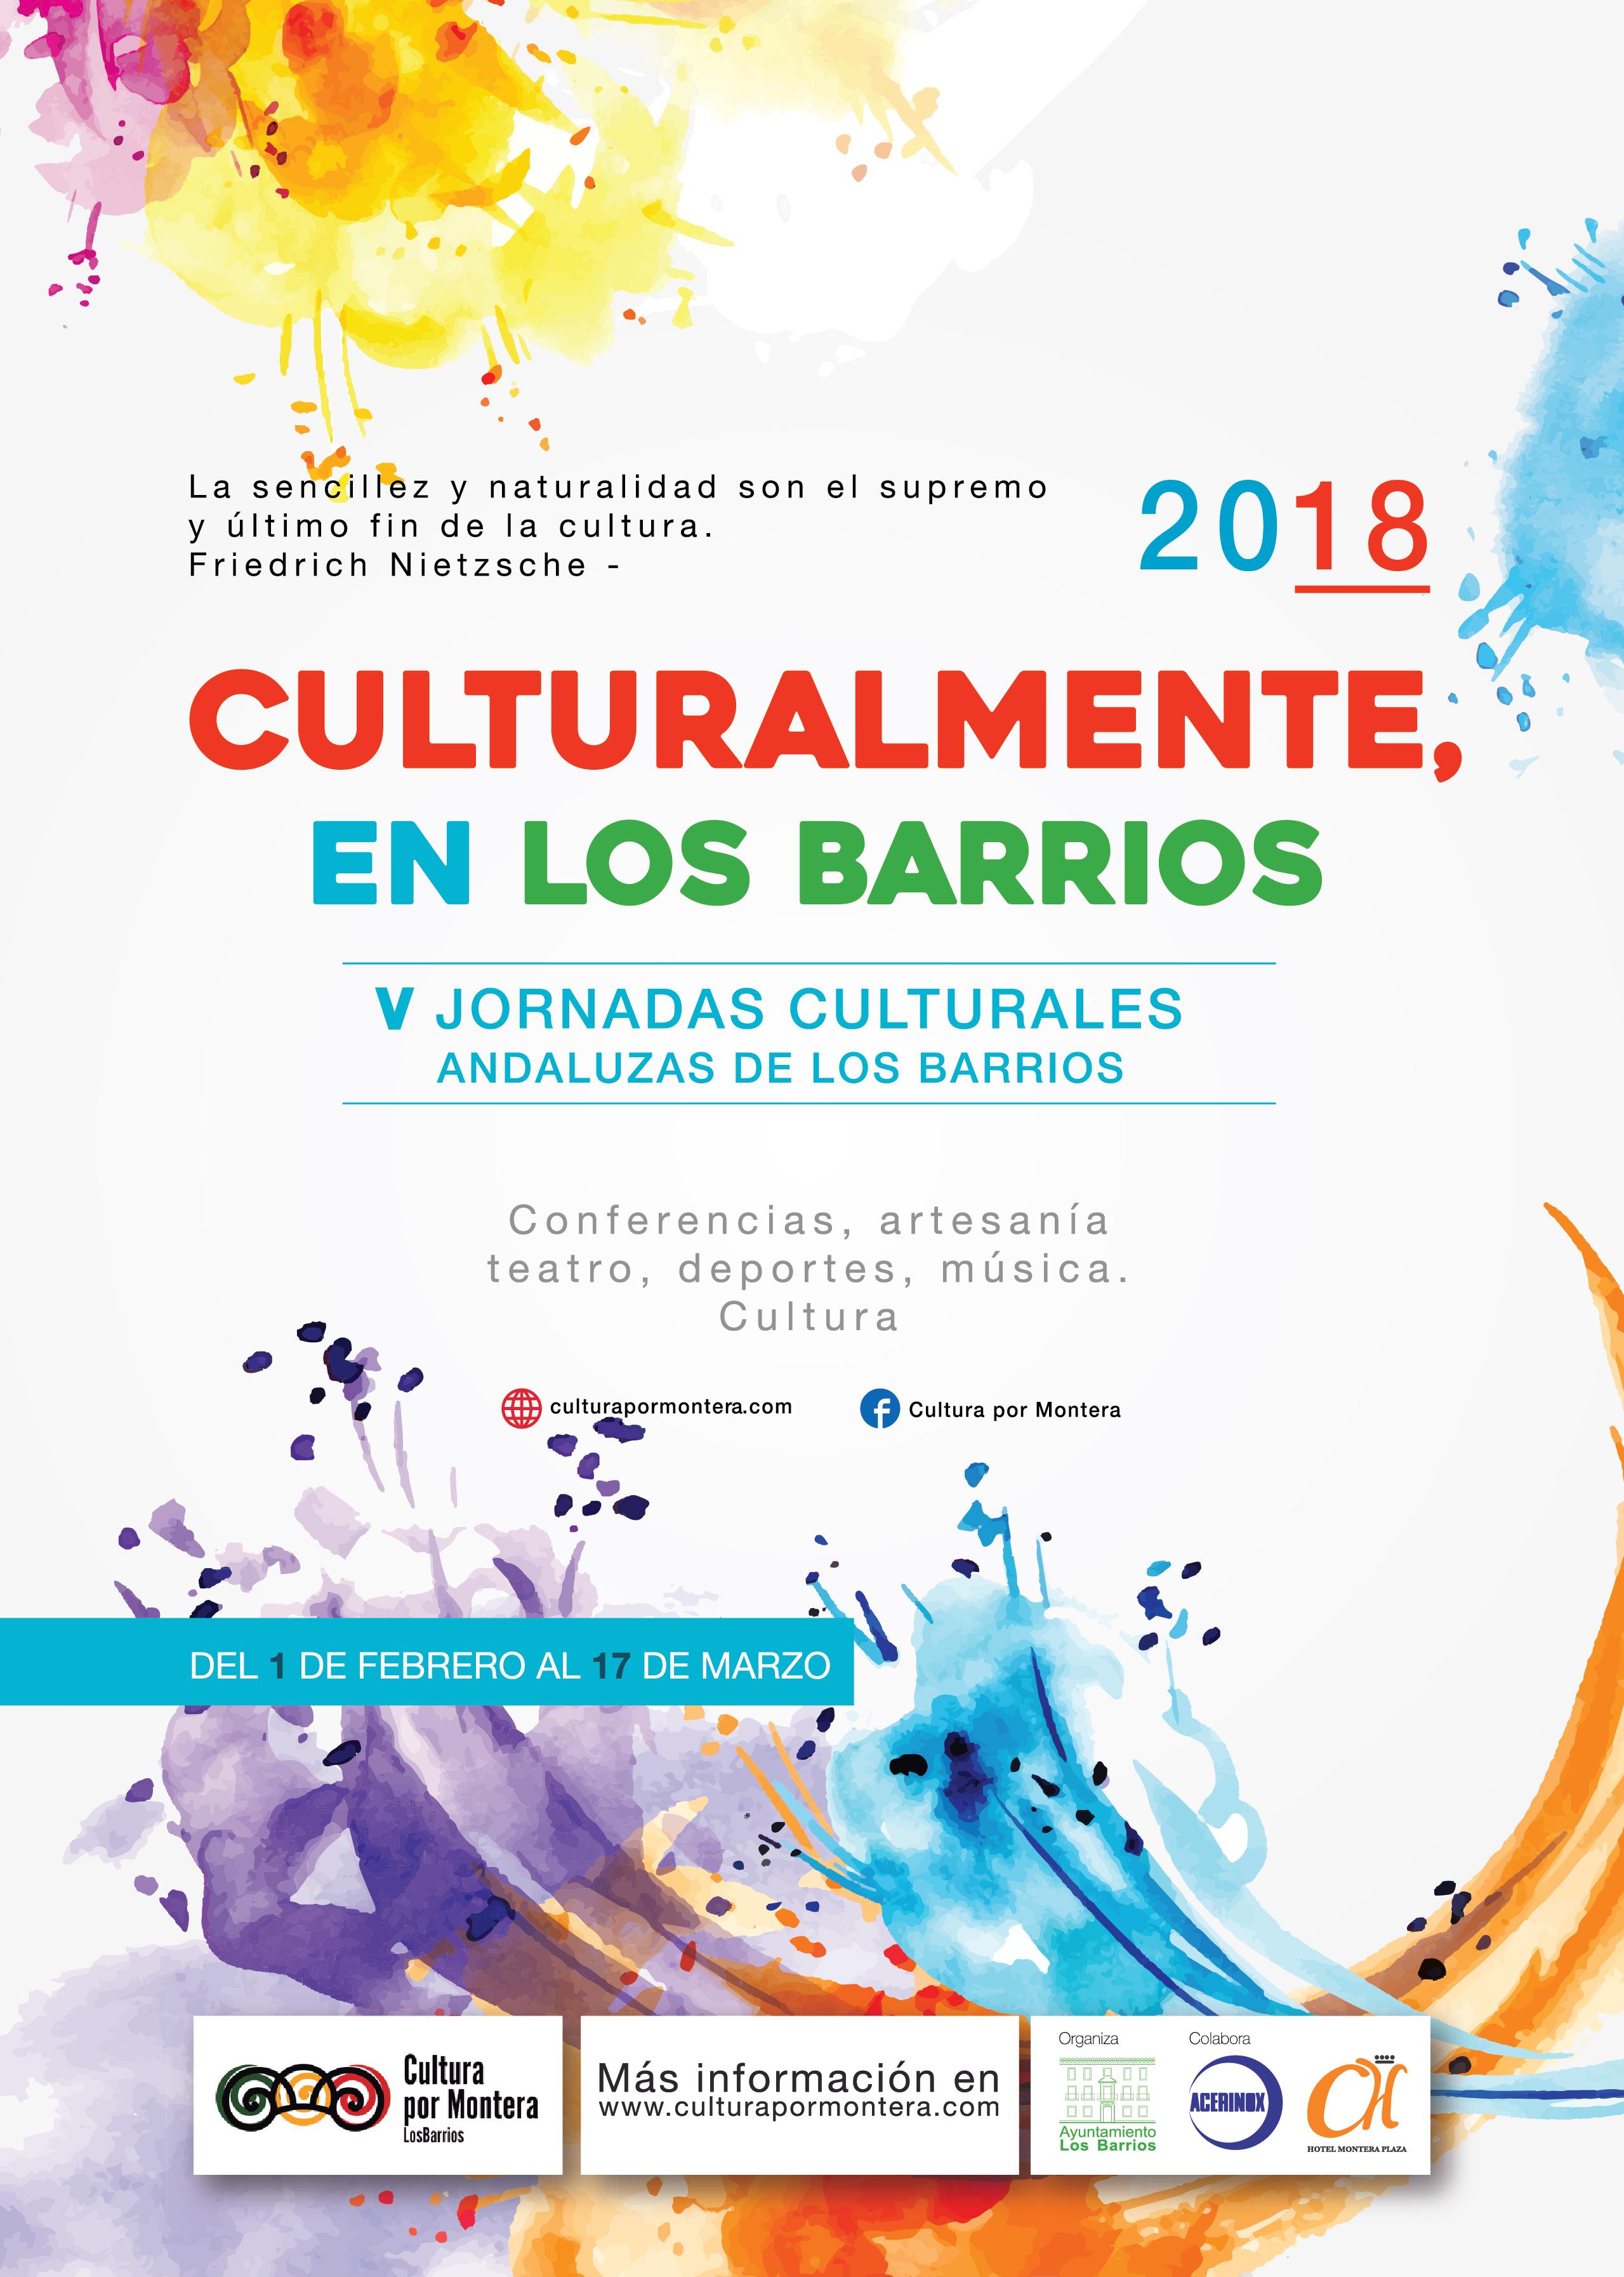 Las V Jornadas Culturales Andaluzas de Los Barrios ya están aqui